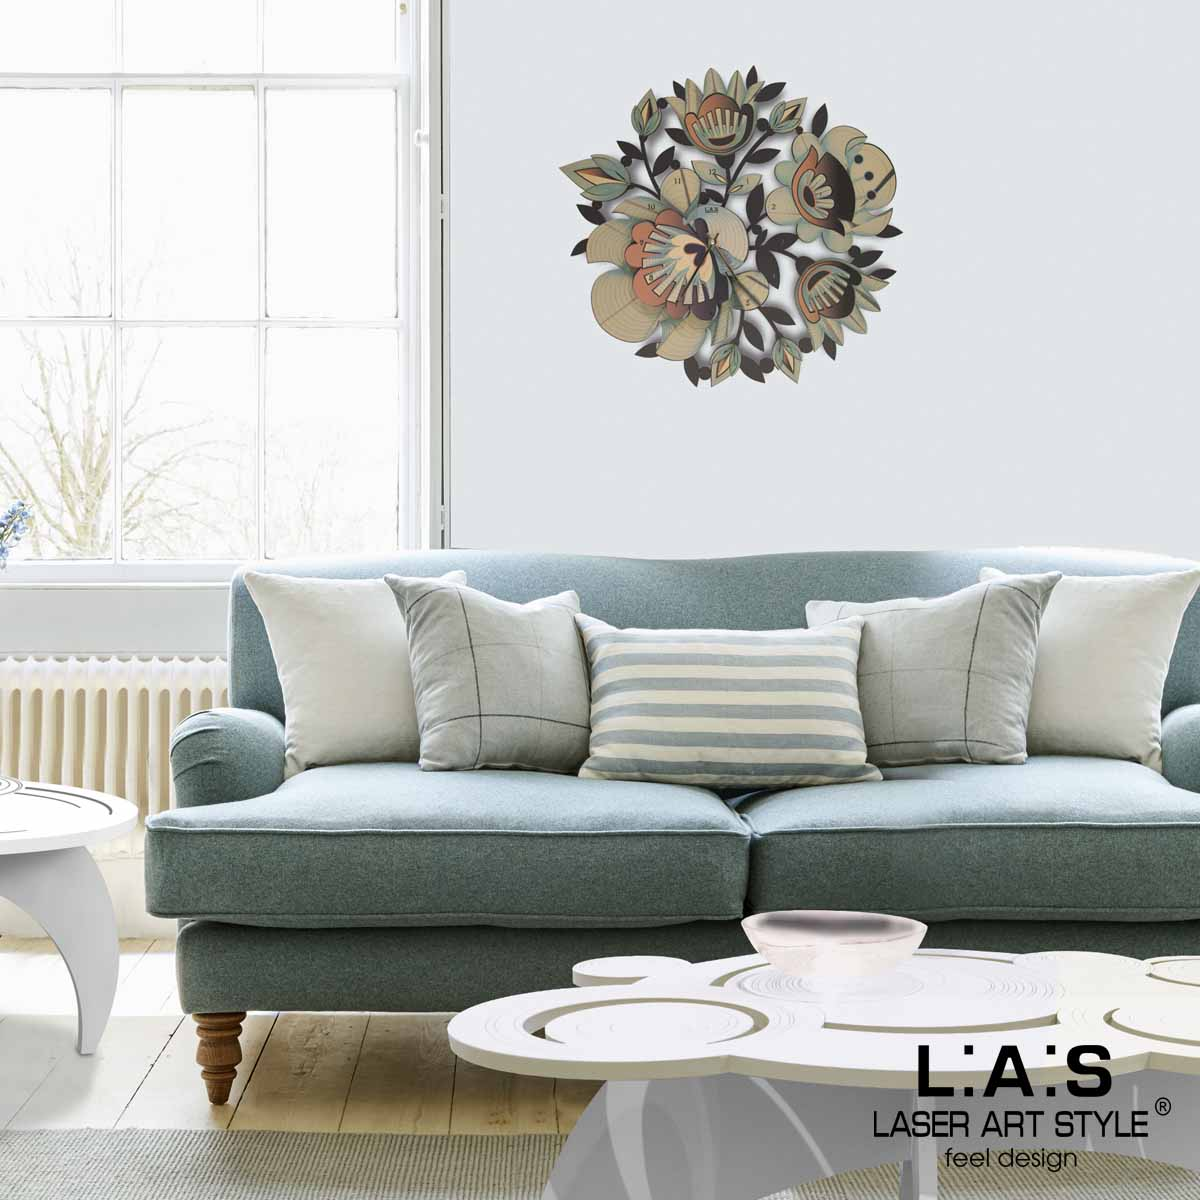 L:A:S - Laser Art Style - OROLOGIO DA PARETE DESIGN FLOREALE SI-537 DECORO VERDE